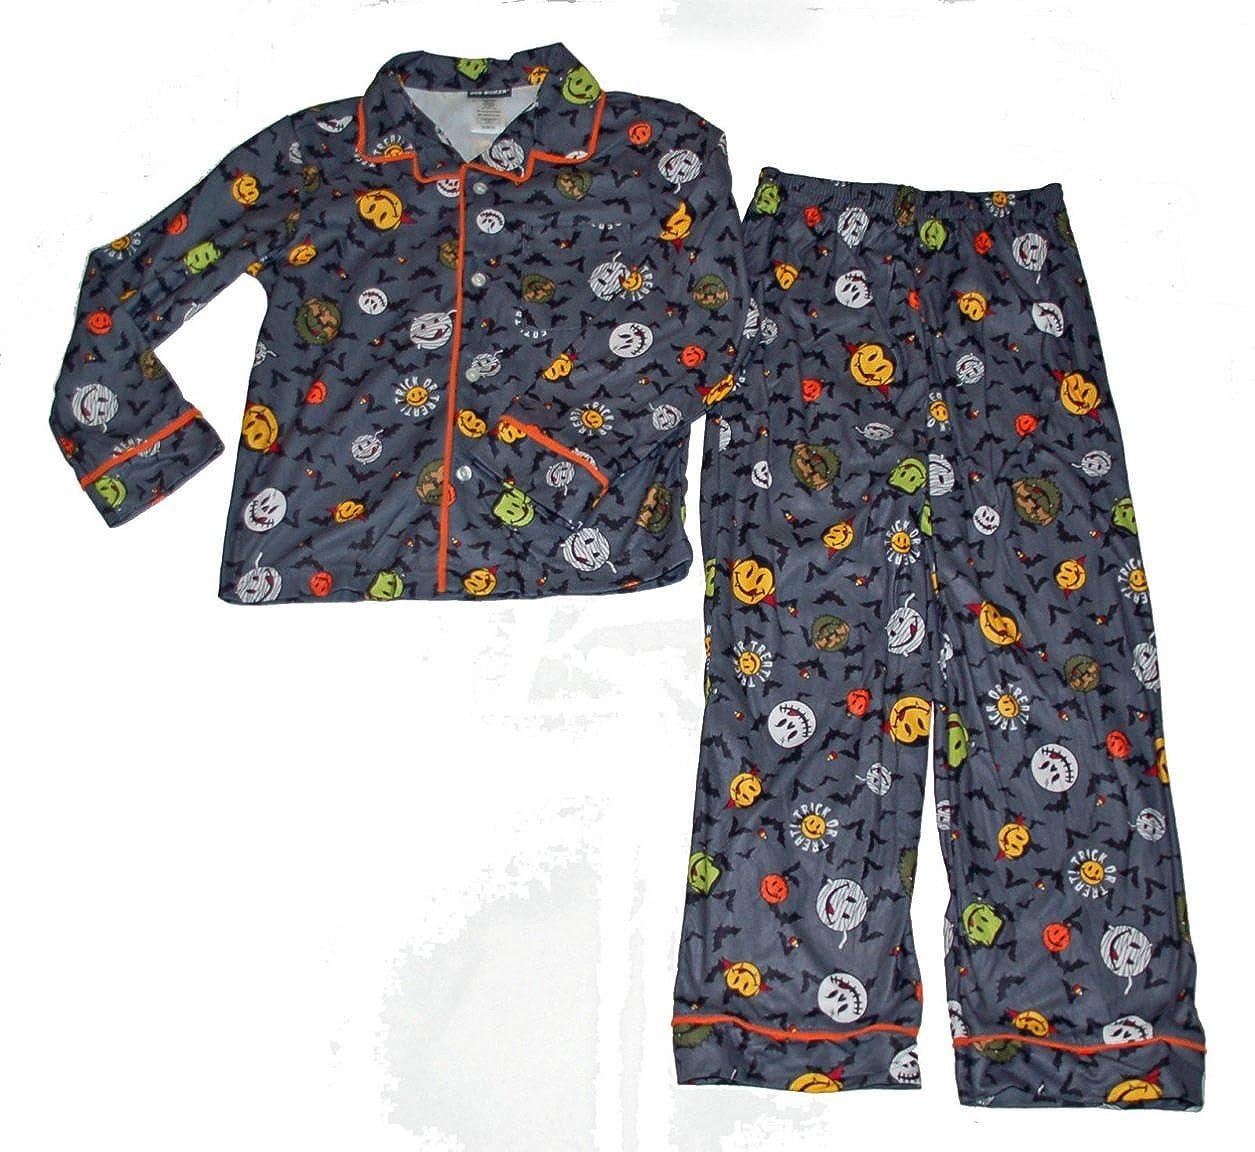 Joe Boxer Halloween 2 Piece Pajama Set Trick Treat Smile Faces and Bats